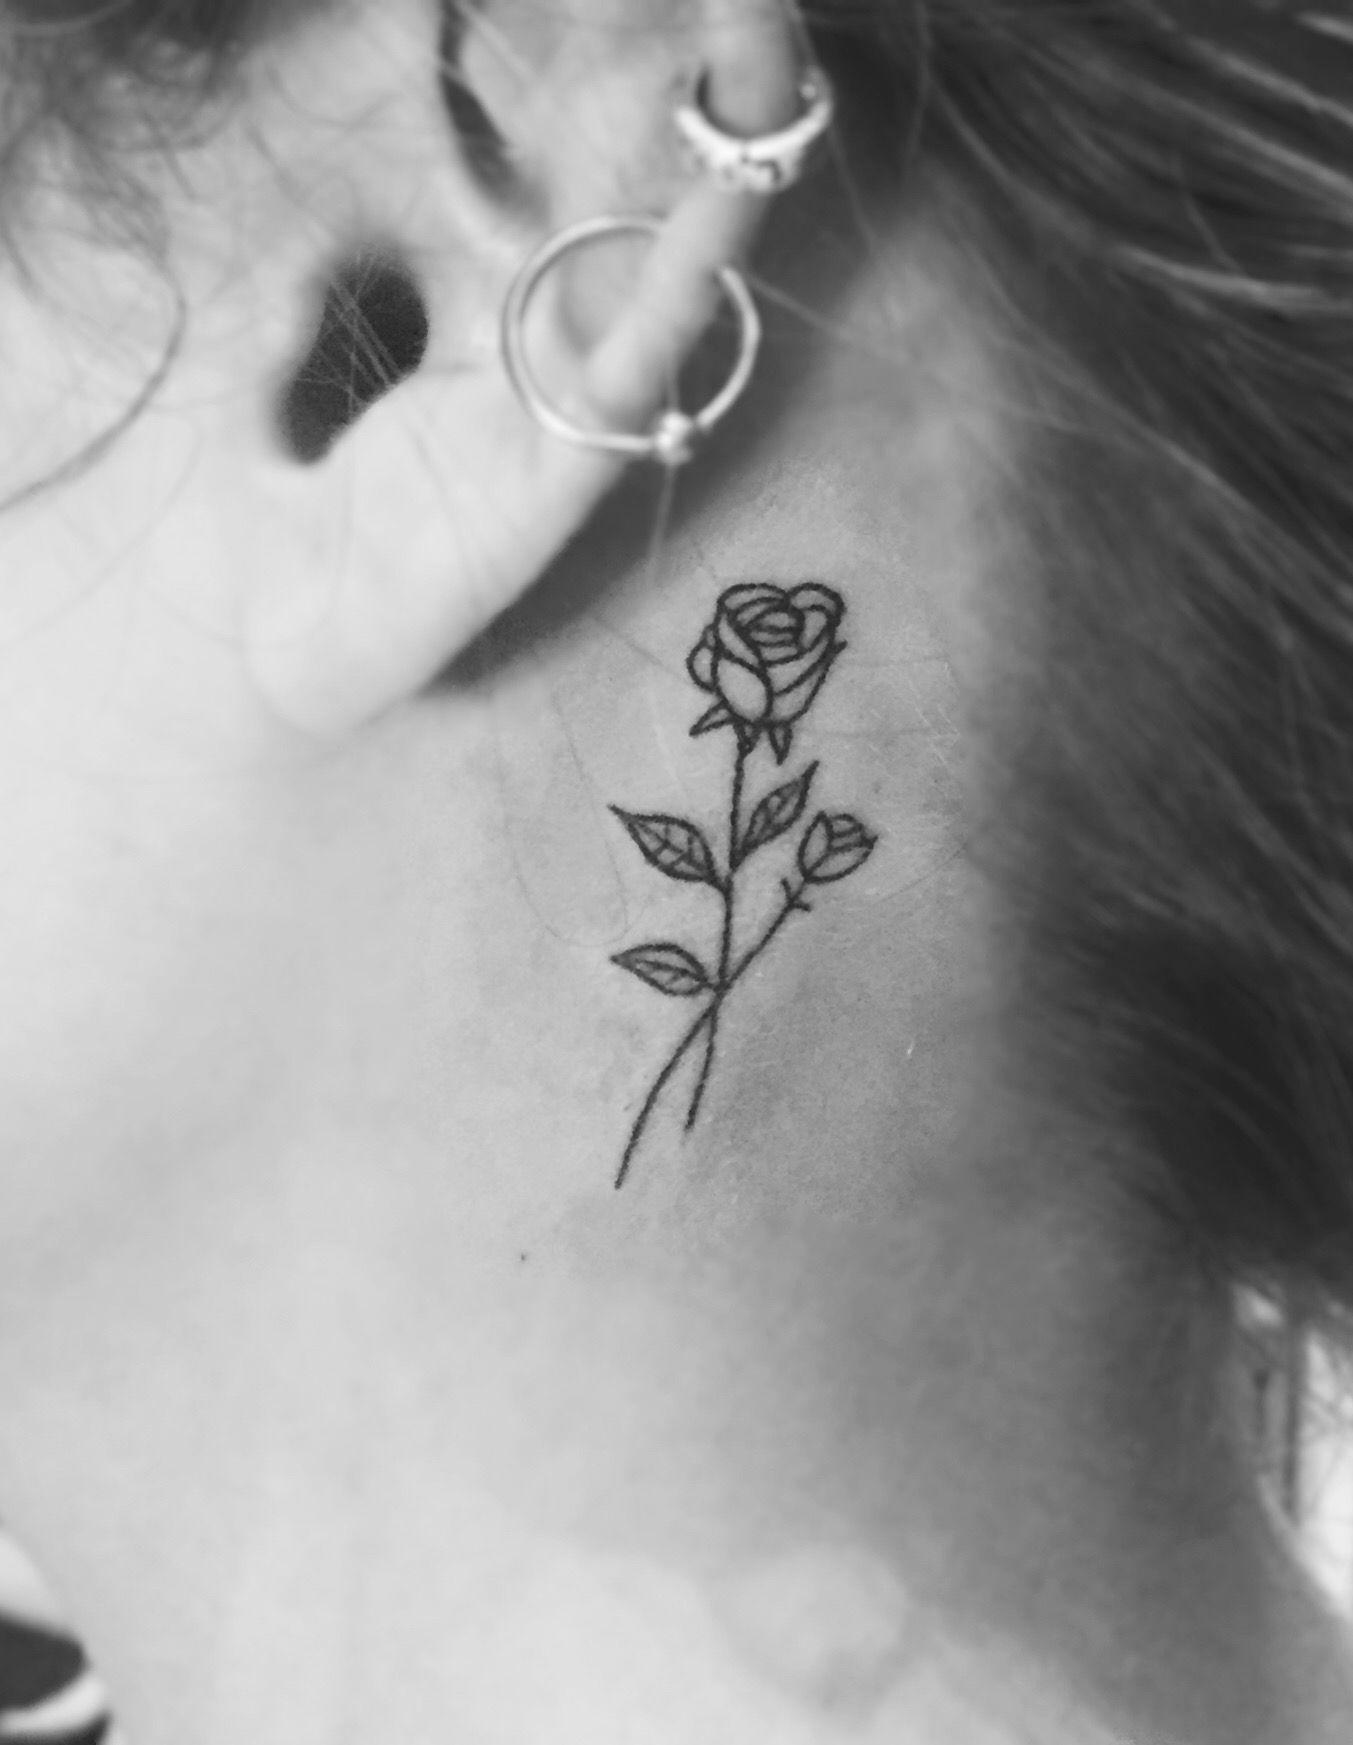 Tatuagem De Flor Pequena Atrás Da Orelha Rose Tattoo Rosa